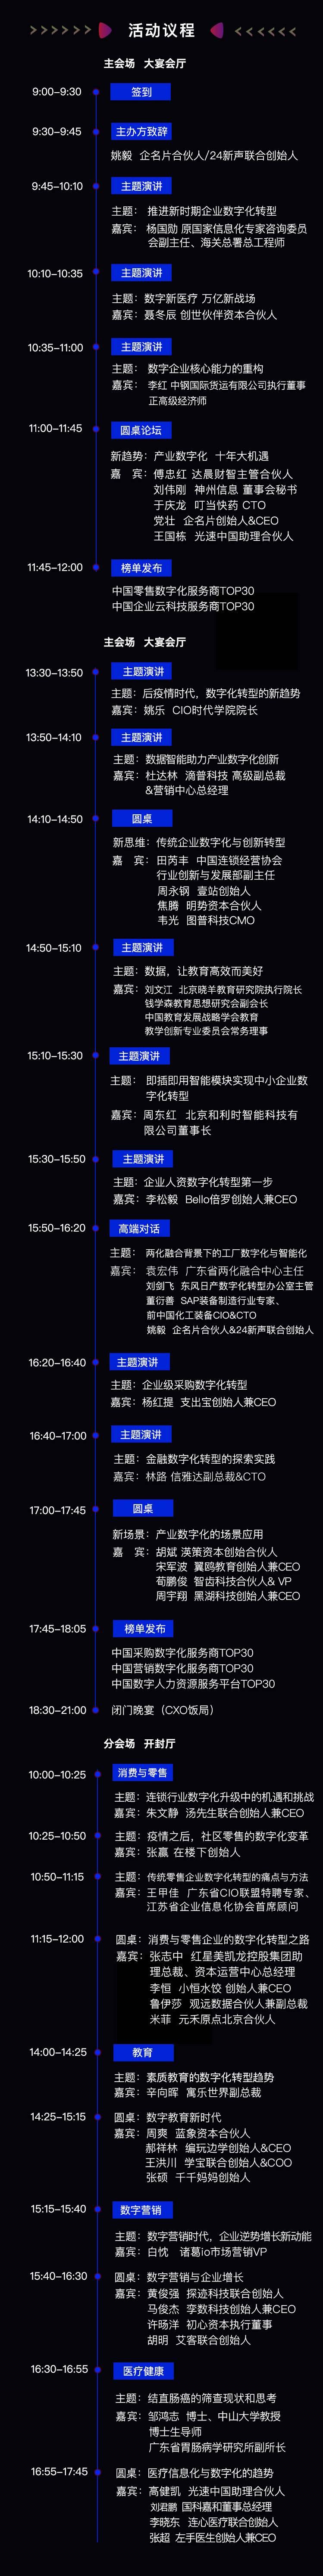 918数字中国峰会-议程.jpg